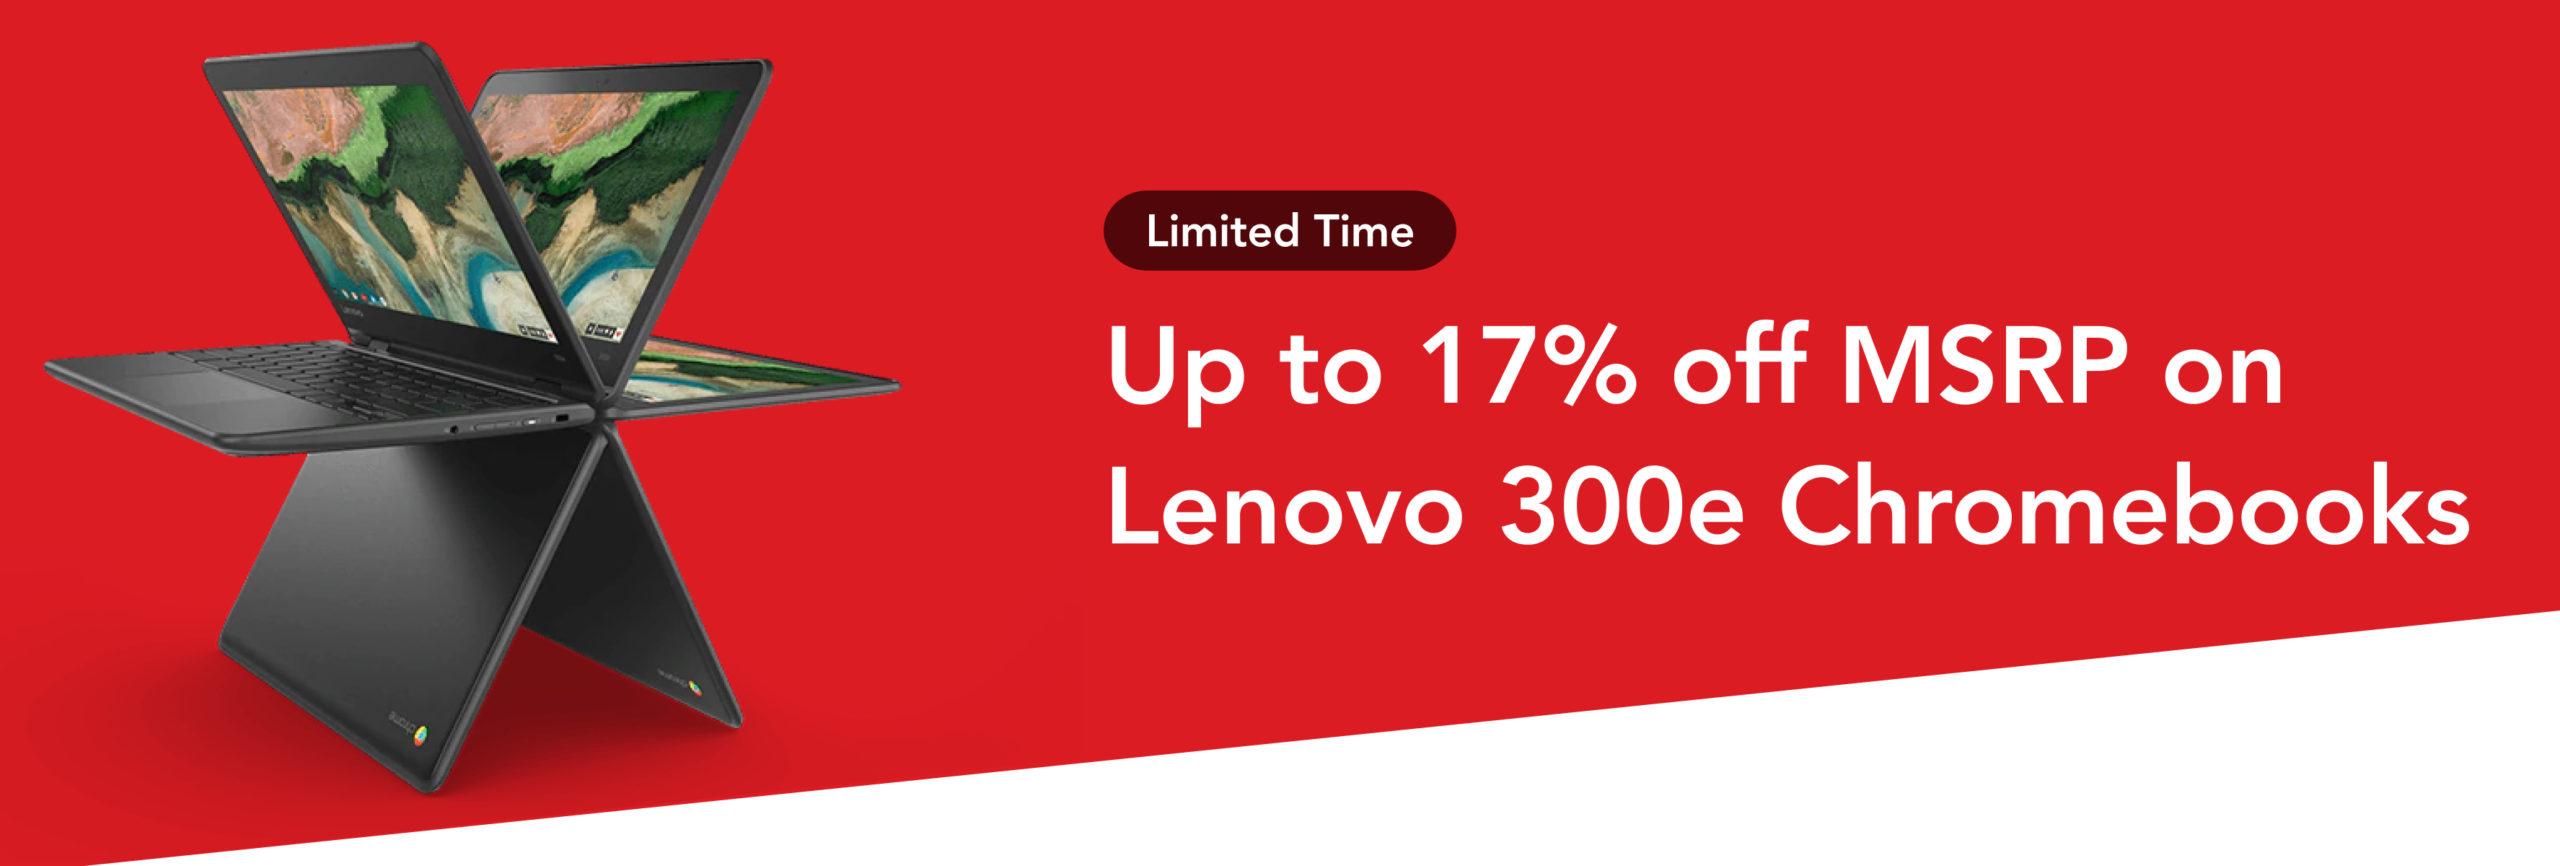 Lenovo 300e